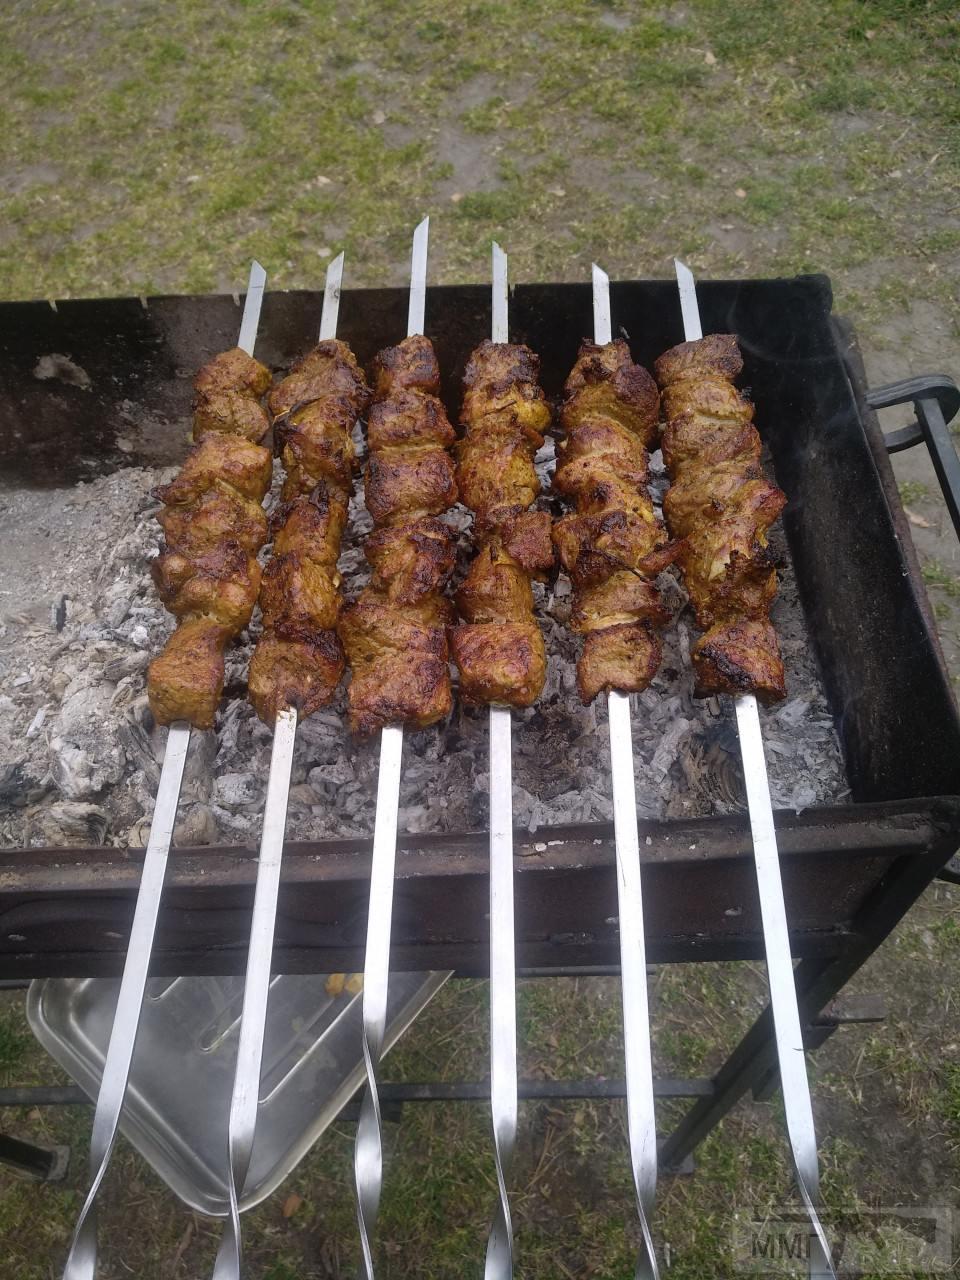 99291 - Закуски на огне (мангал, барбекю и т.д.) и кулинария вообще. Советы и рецепты.